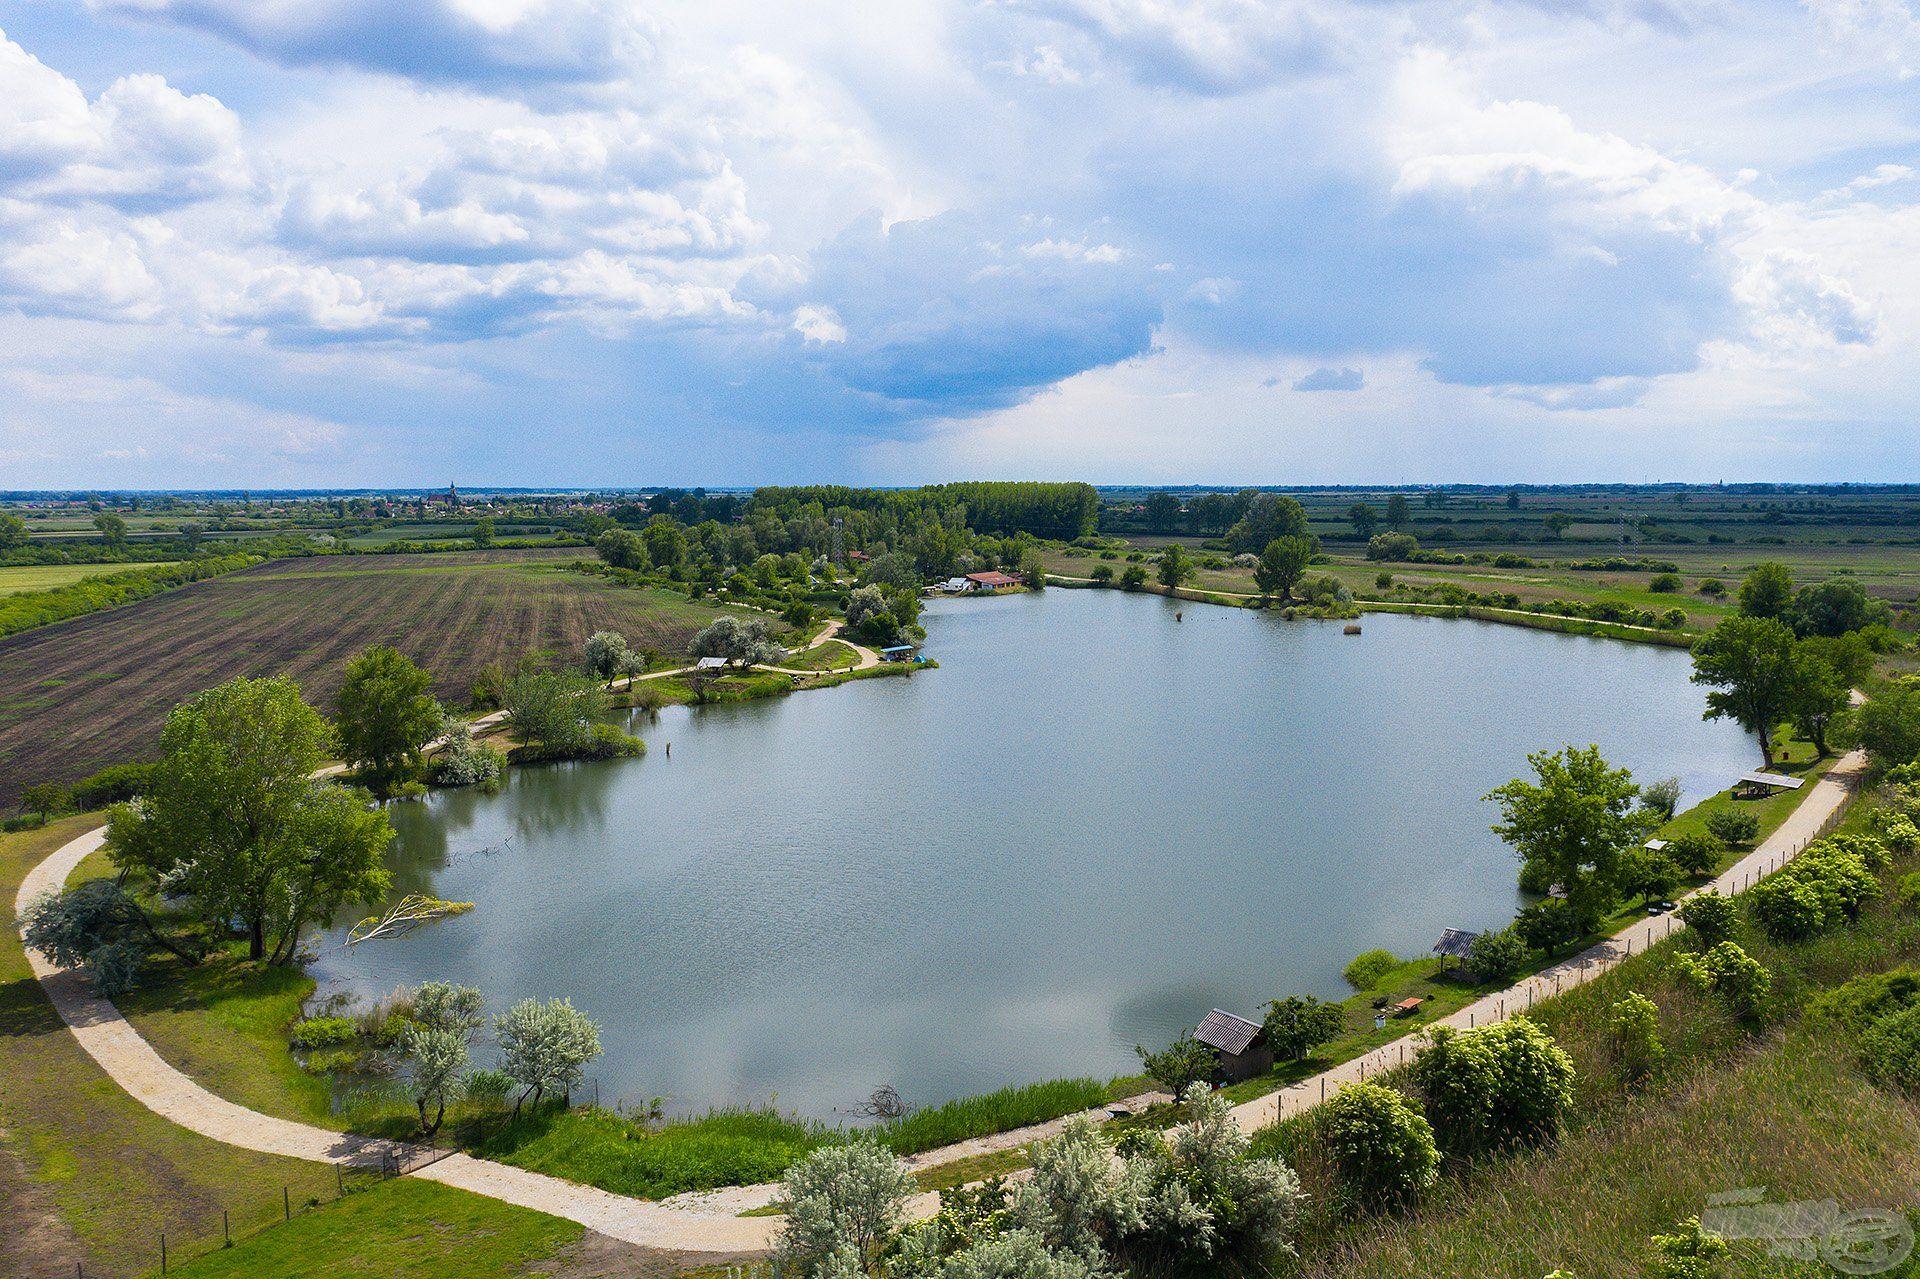 Kellemes, zöldövezetben fekvő, változatos és nem utolsósorban gyönyörű, tiszta vizű tó